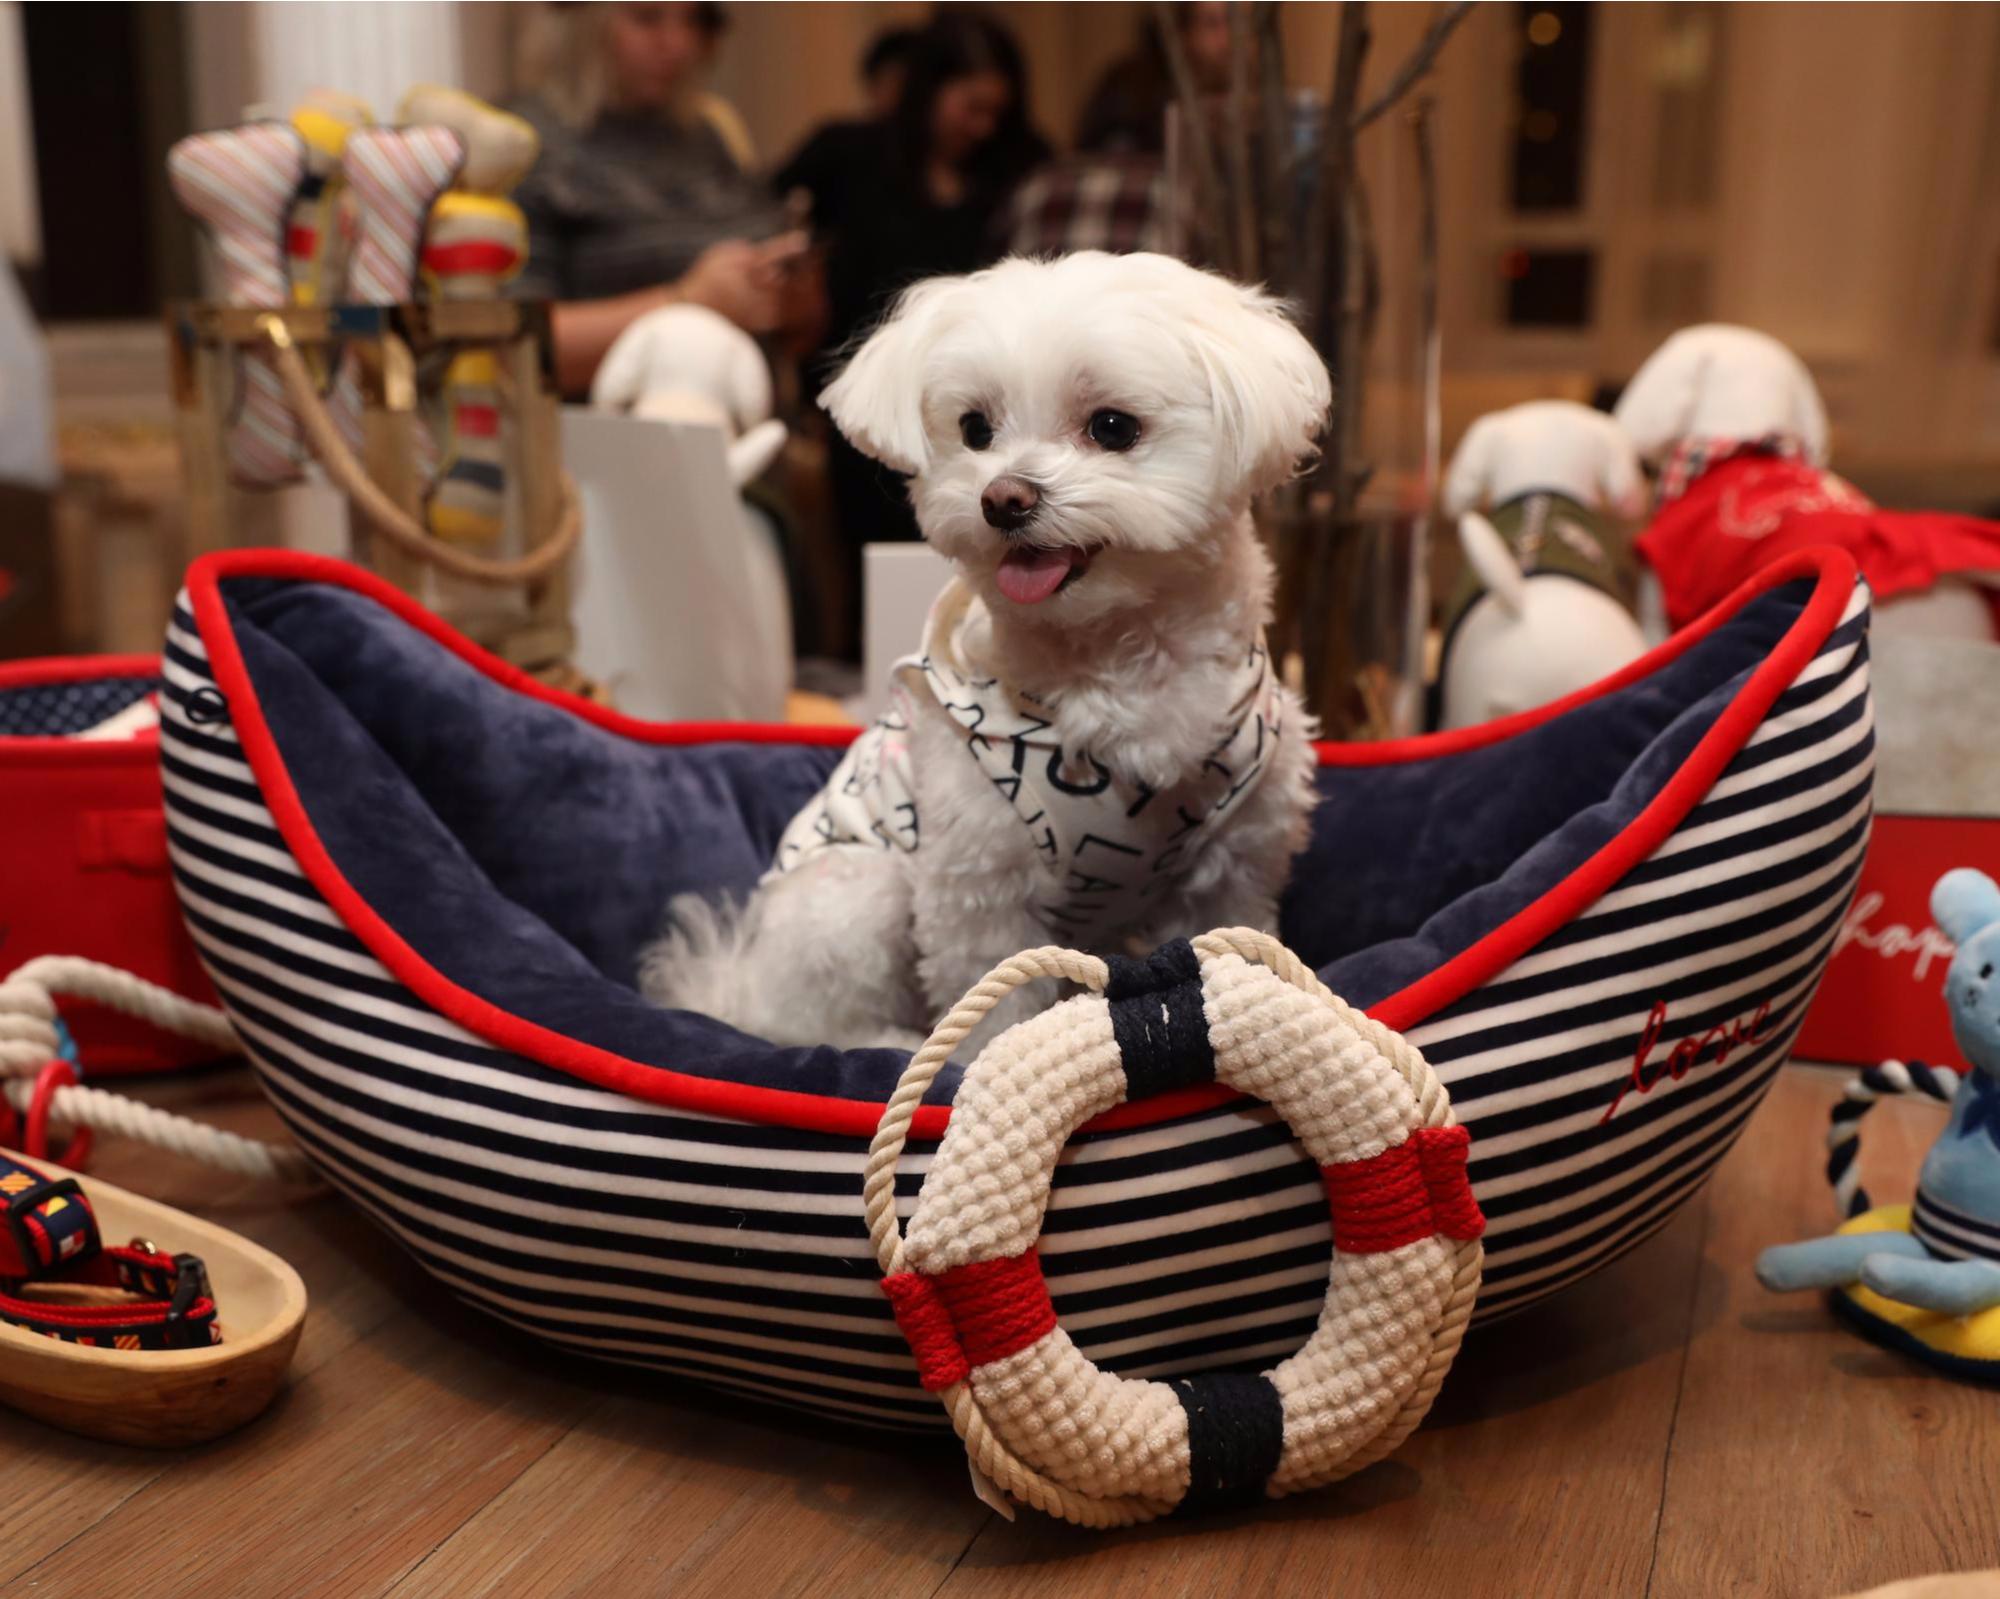 Mochi is ready to set sail in the ED Ellen DeGeneres Boat